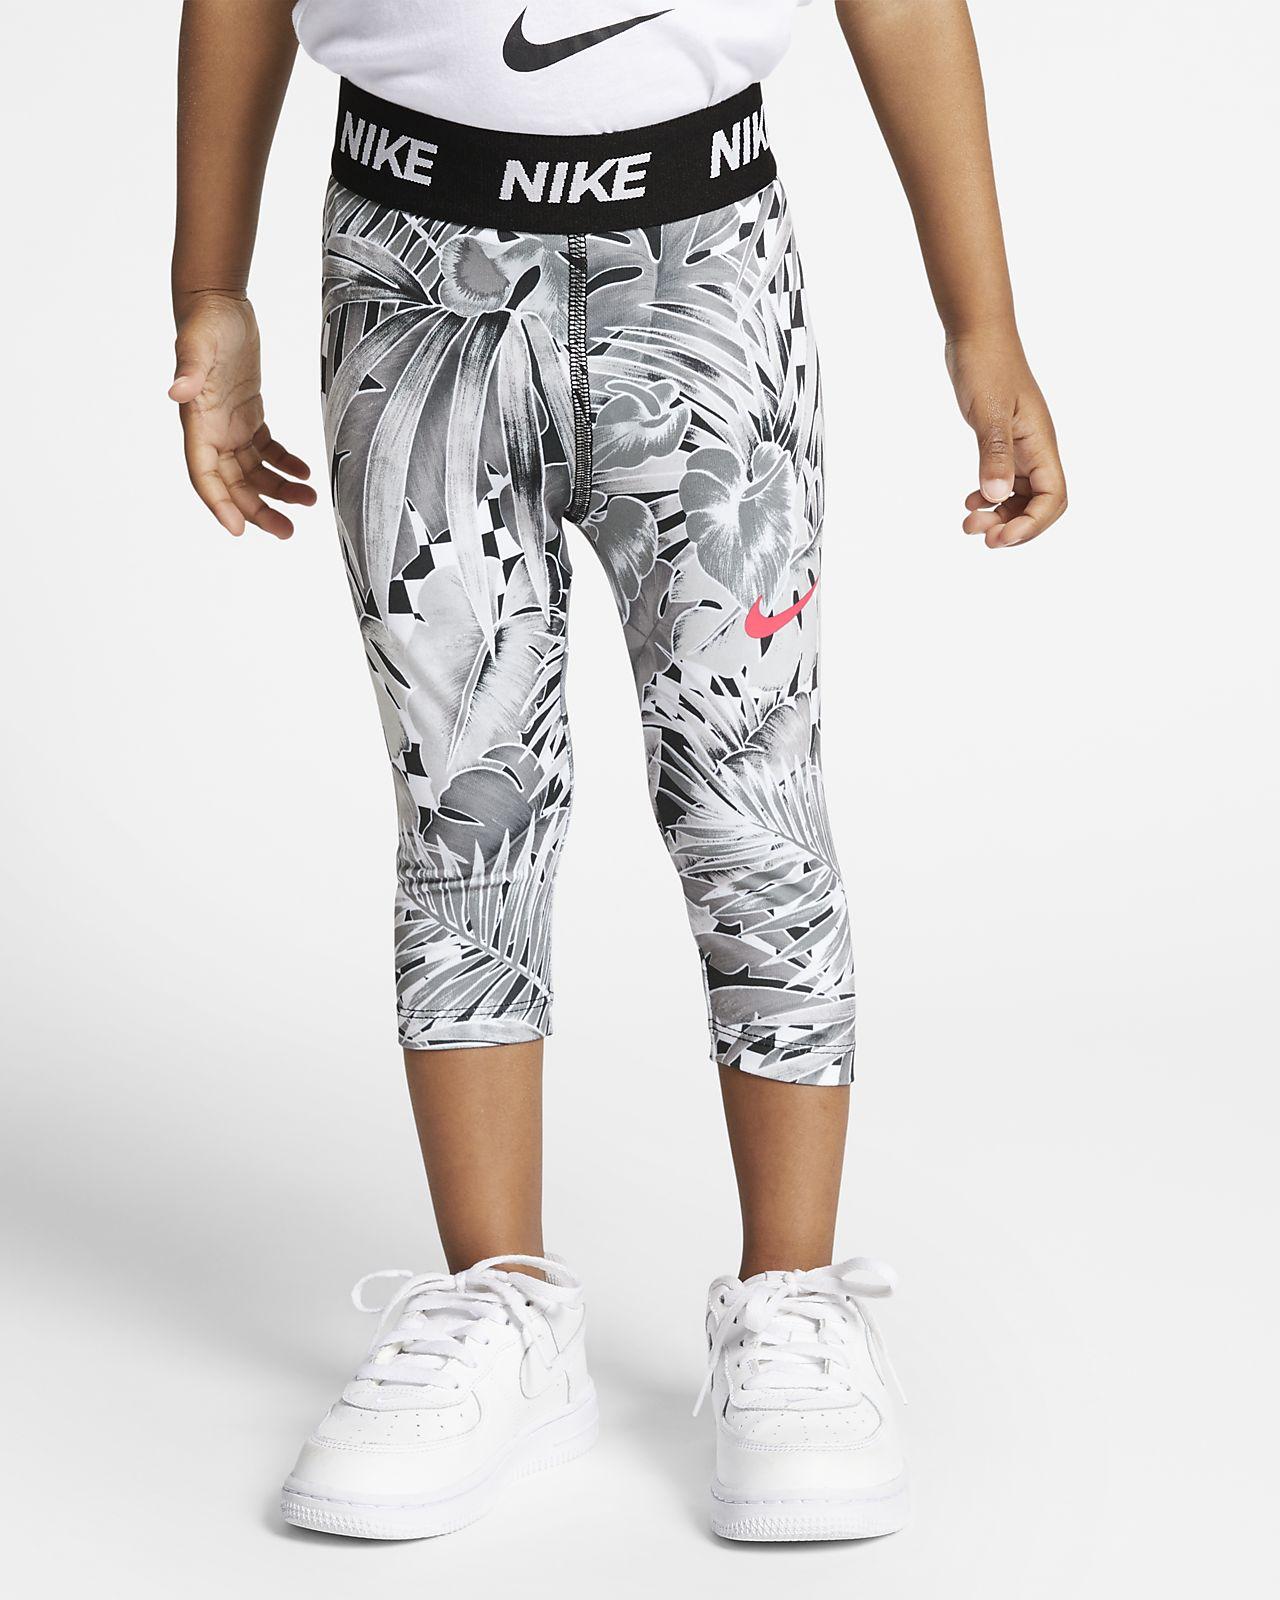 9c4725f34c Nike Dri-FIT Toddler 3/4-Length Printed Leggings